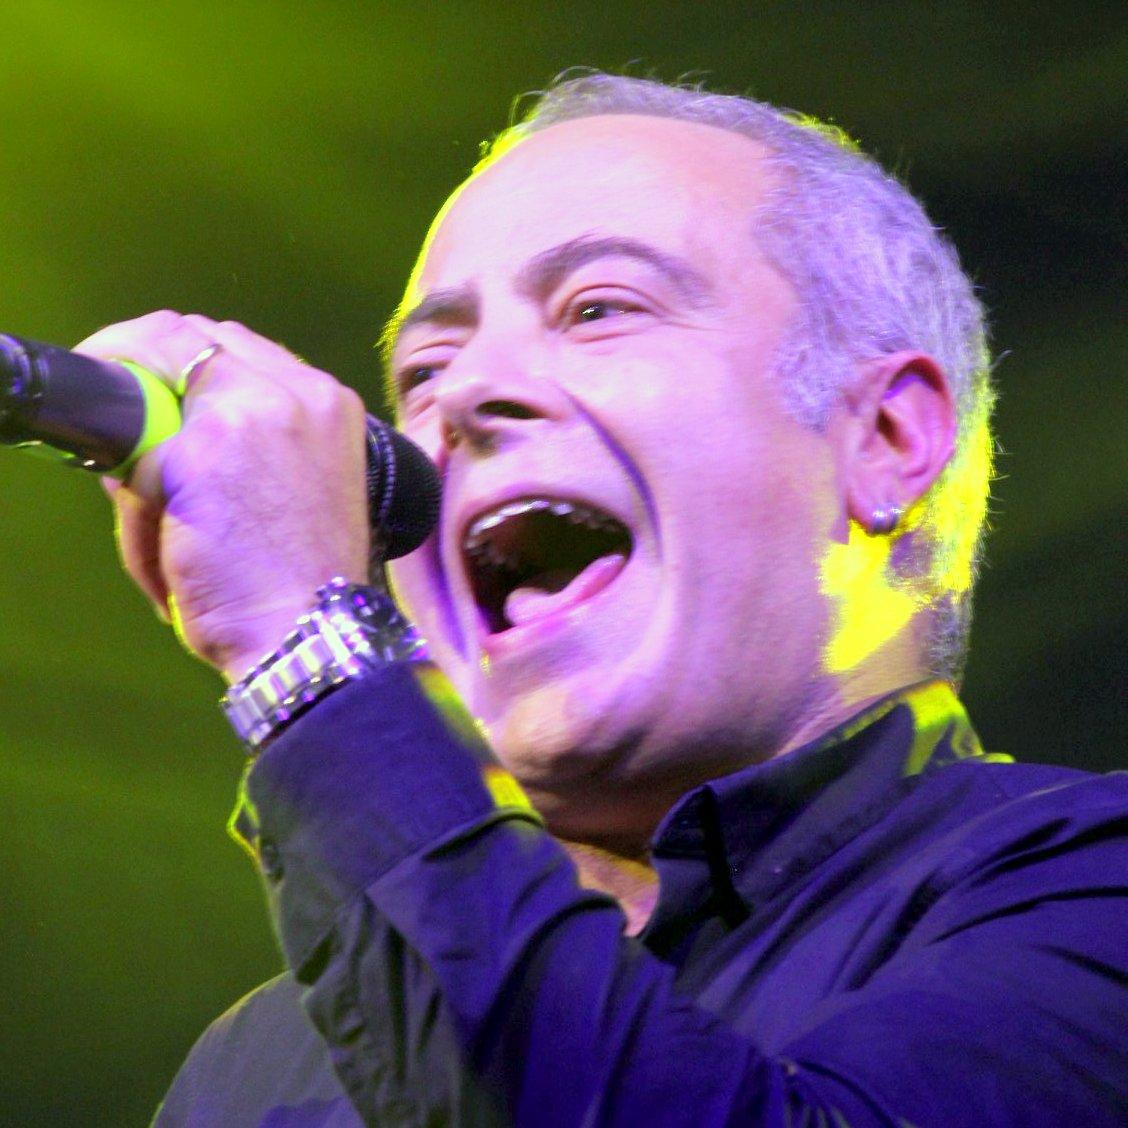 Giuseppe Morgante